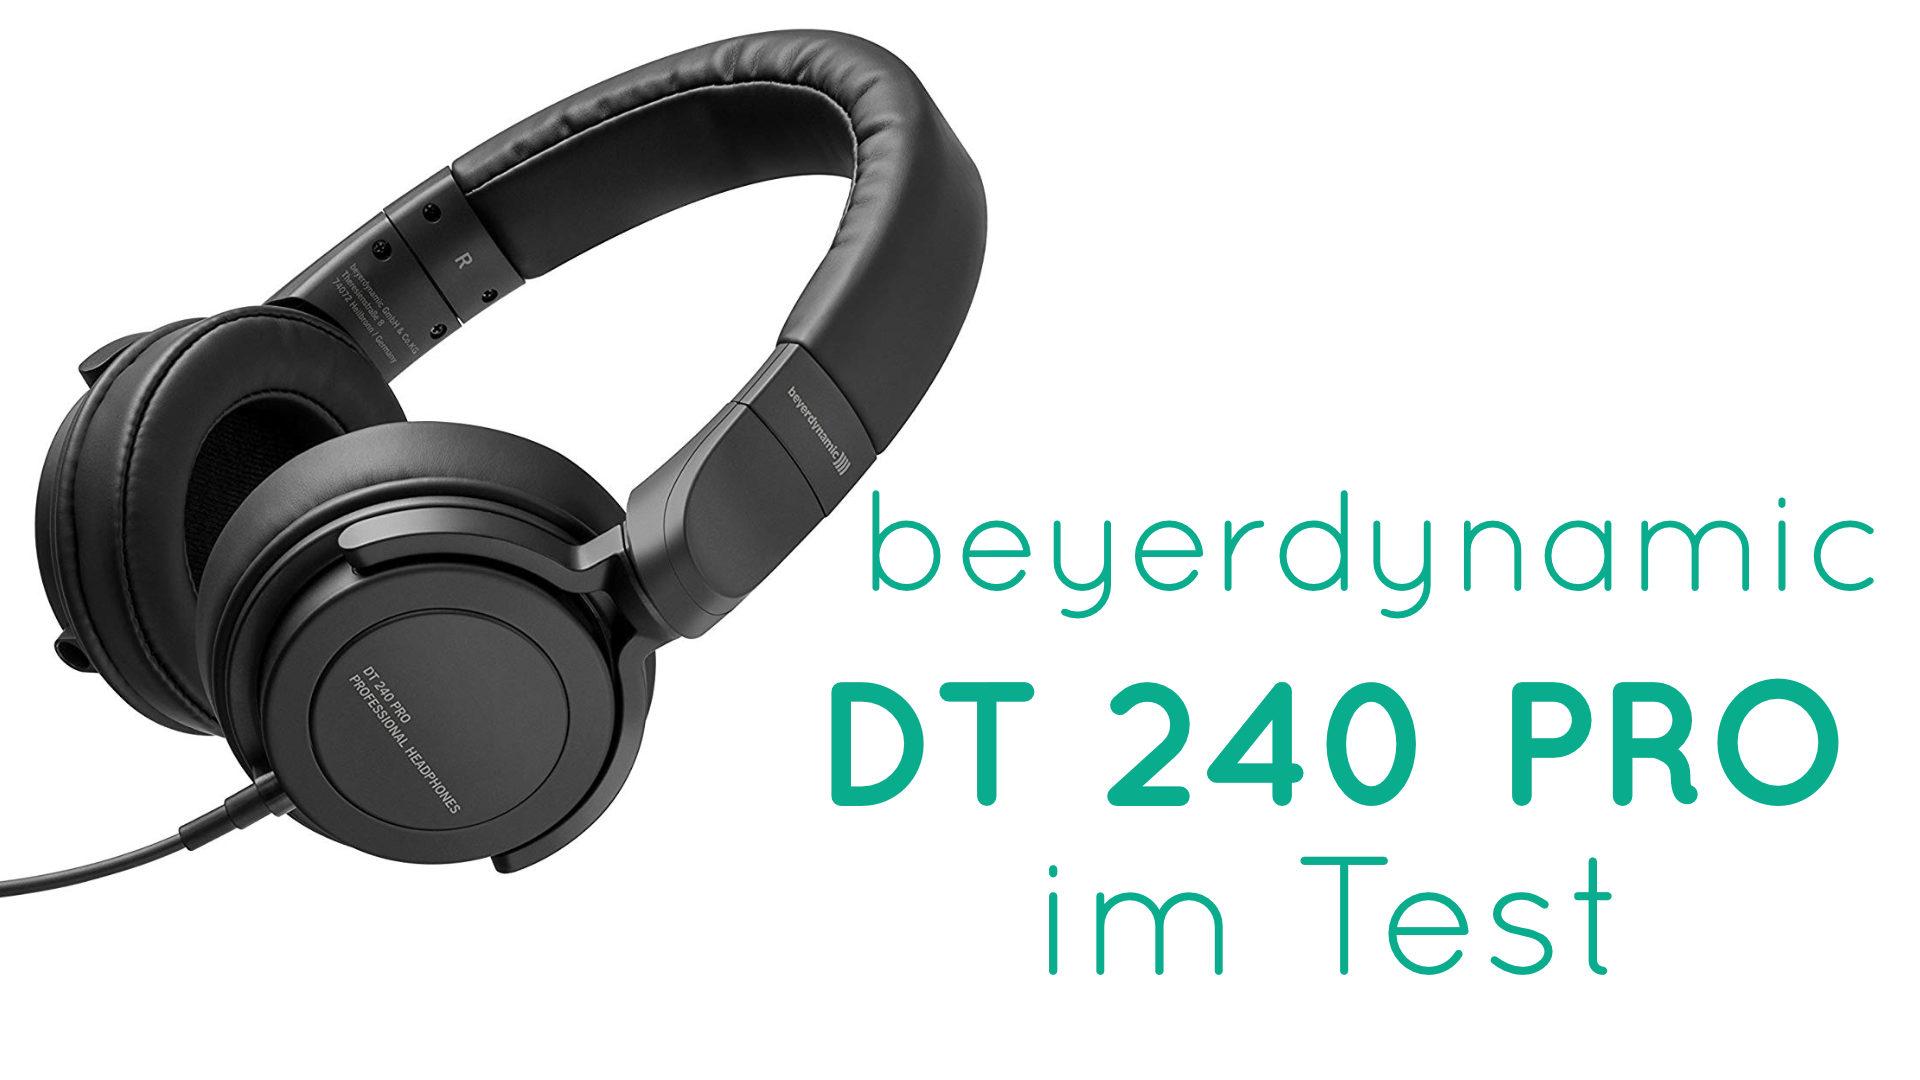 Titelbild des Tests zu beyerdynamic DT 240 PRO Kopfhörer